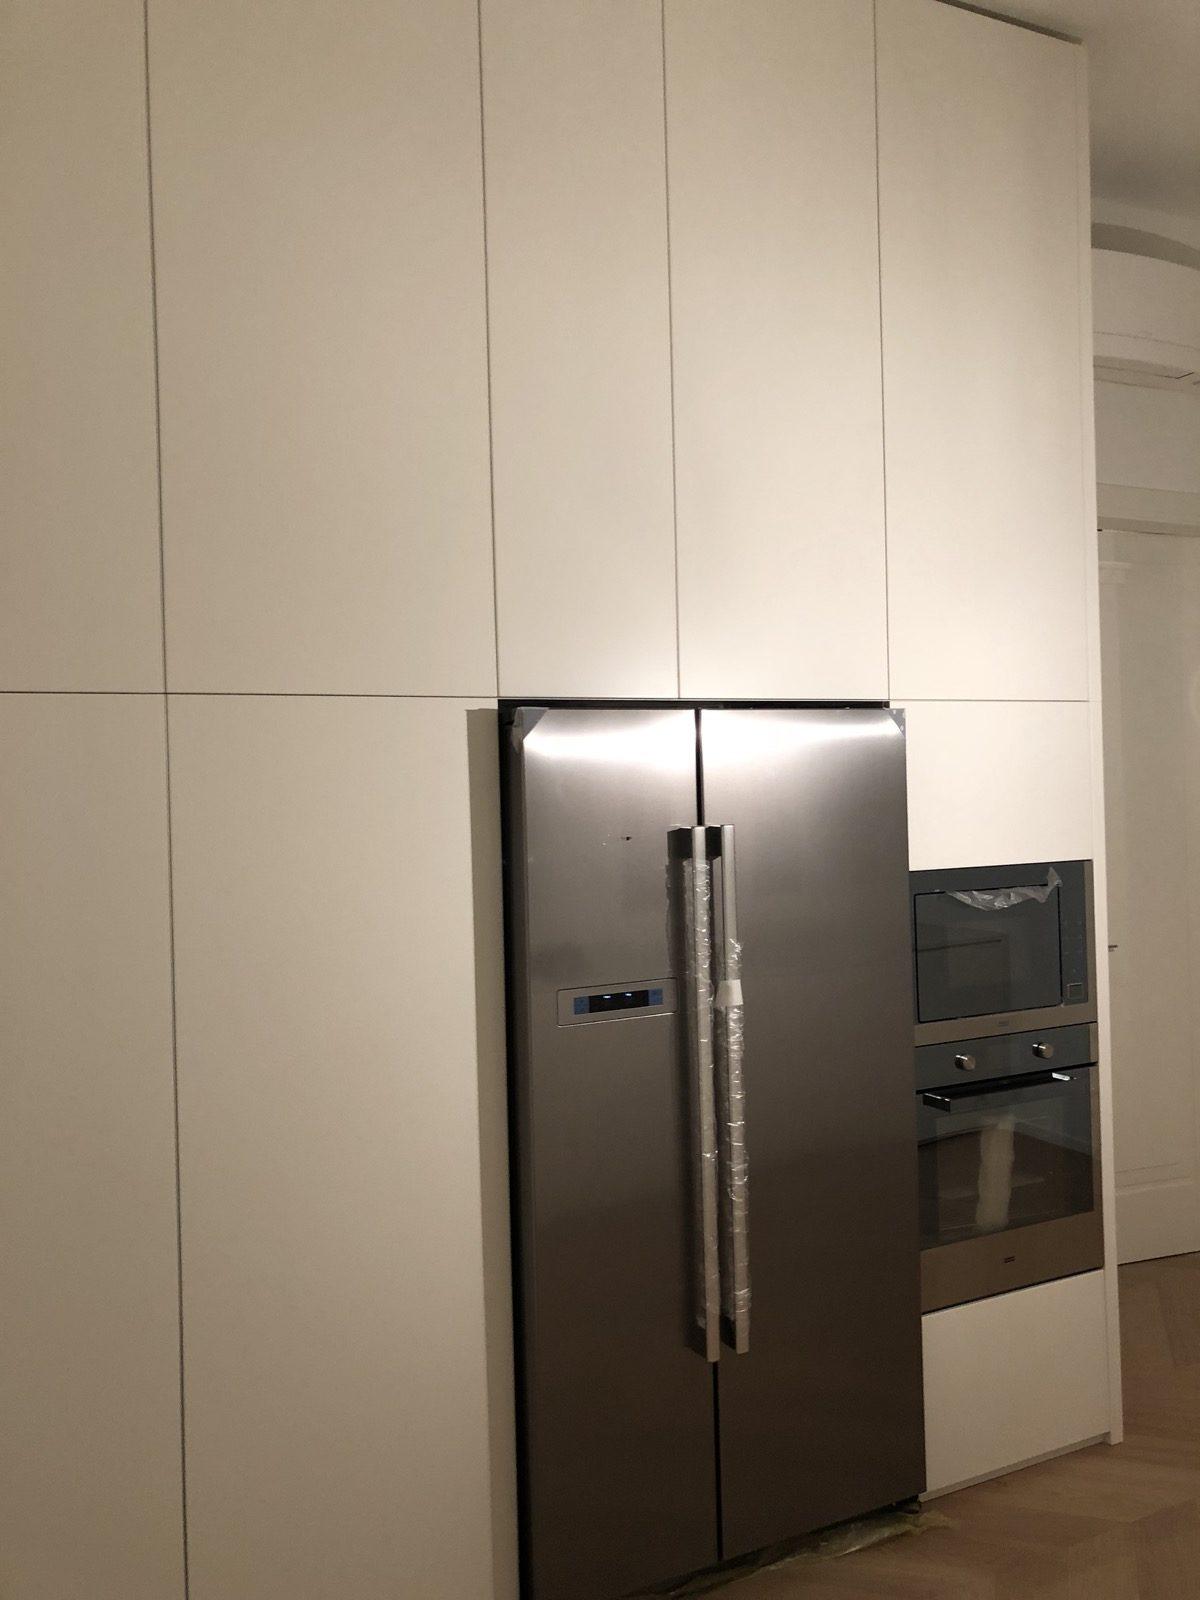 Appartamento via murri conti arredamenti arredamenti for Arredamenti per interni